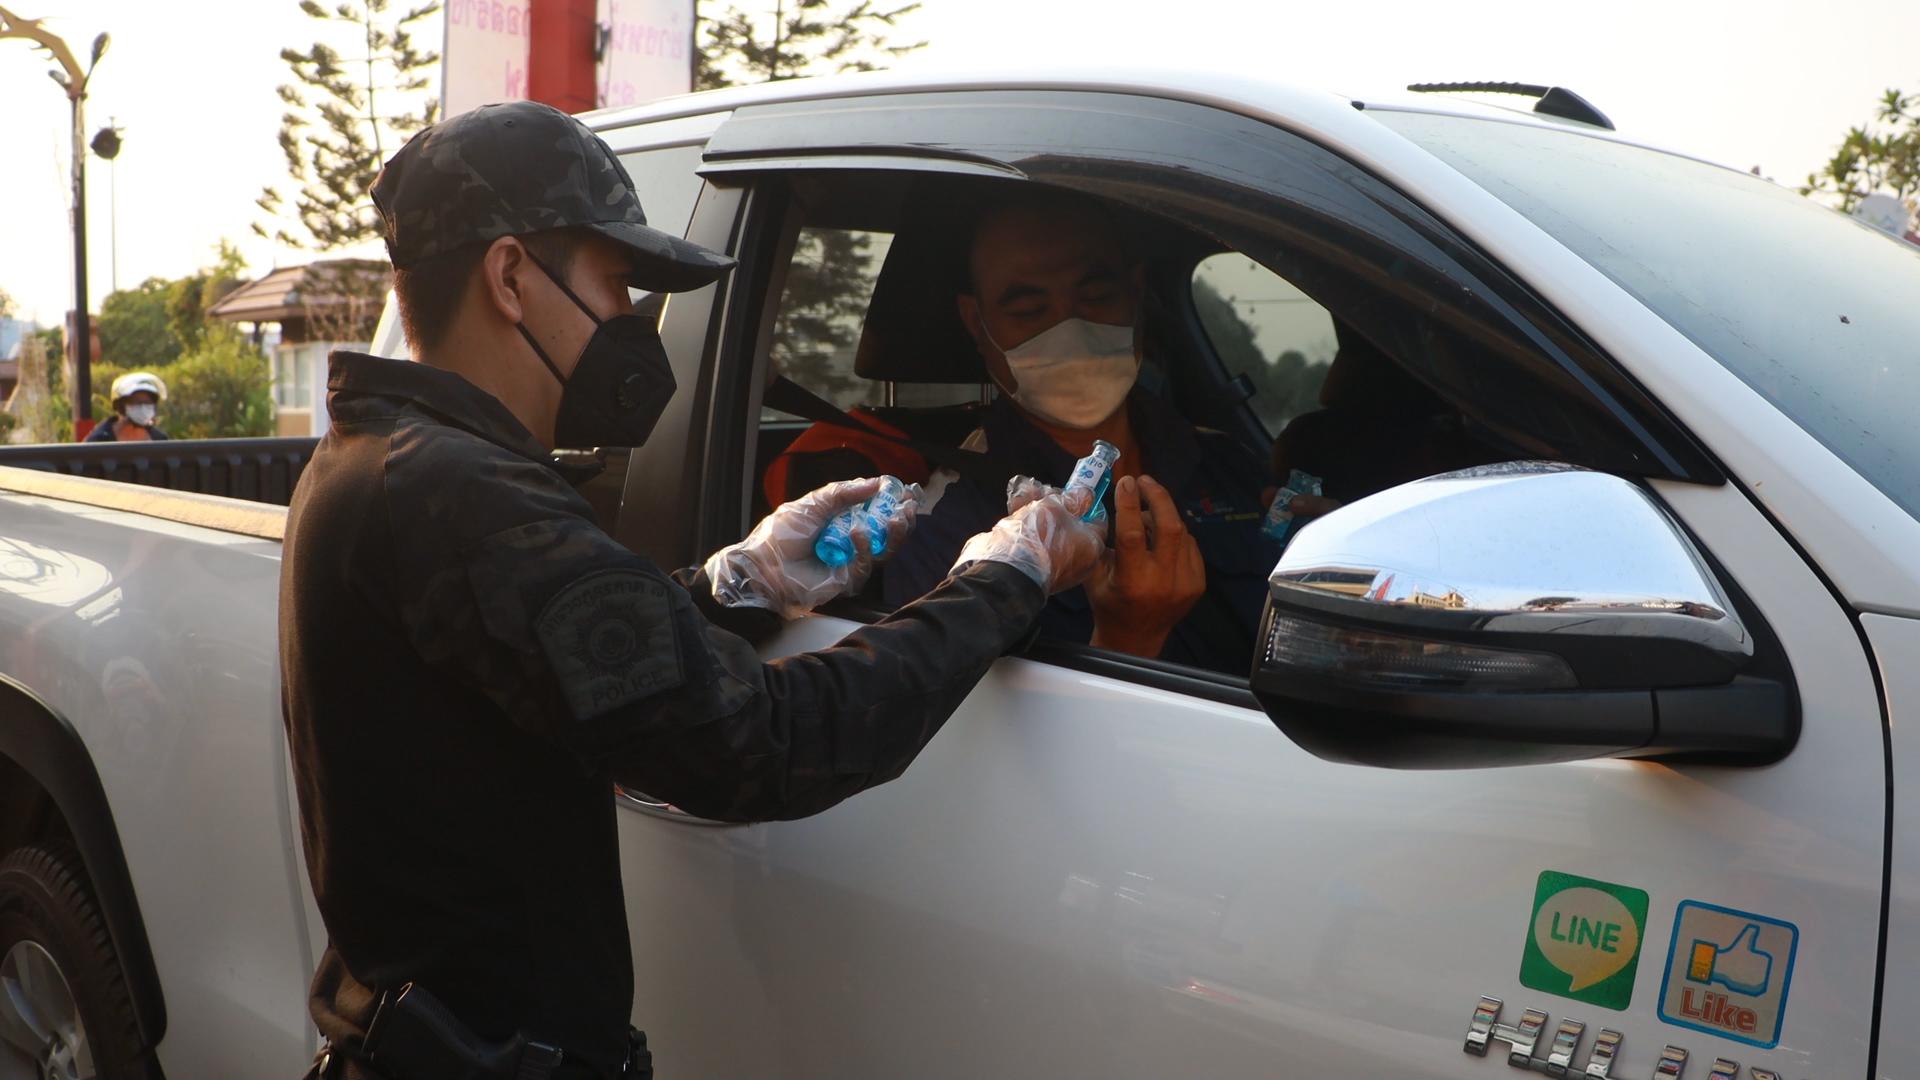 โรงพักเมืองราชบุรีตั้งด่านแจกเจล ป้องกันการแพร่ระบาดของไวรัส โควิด 19